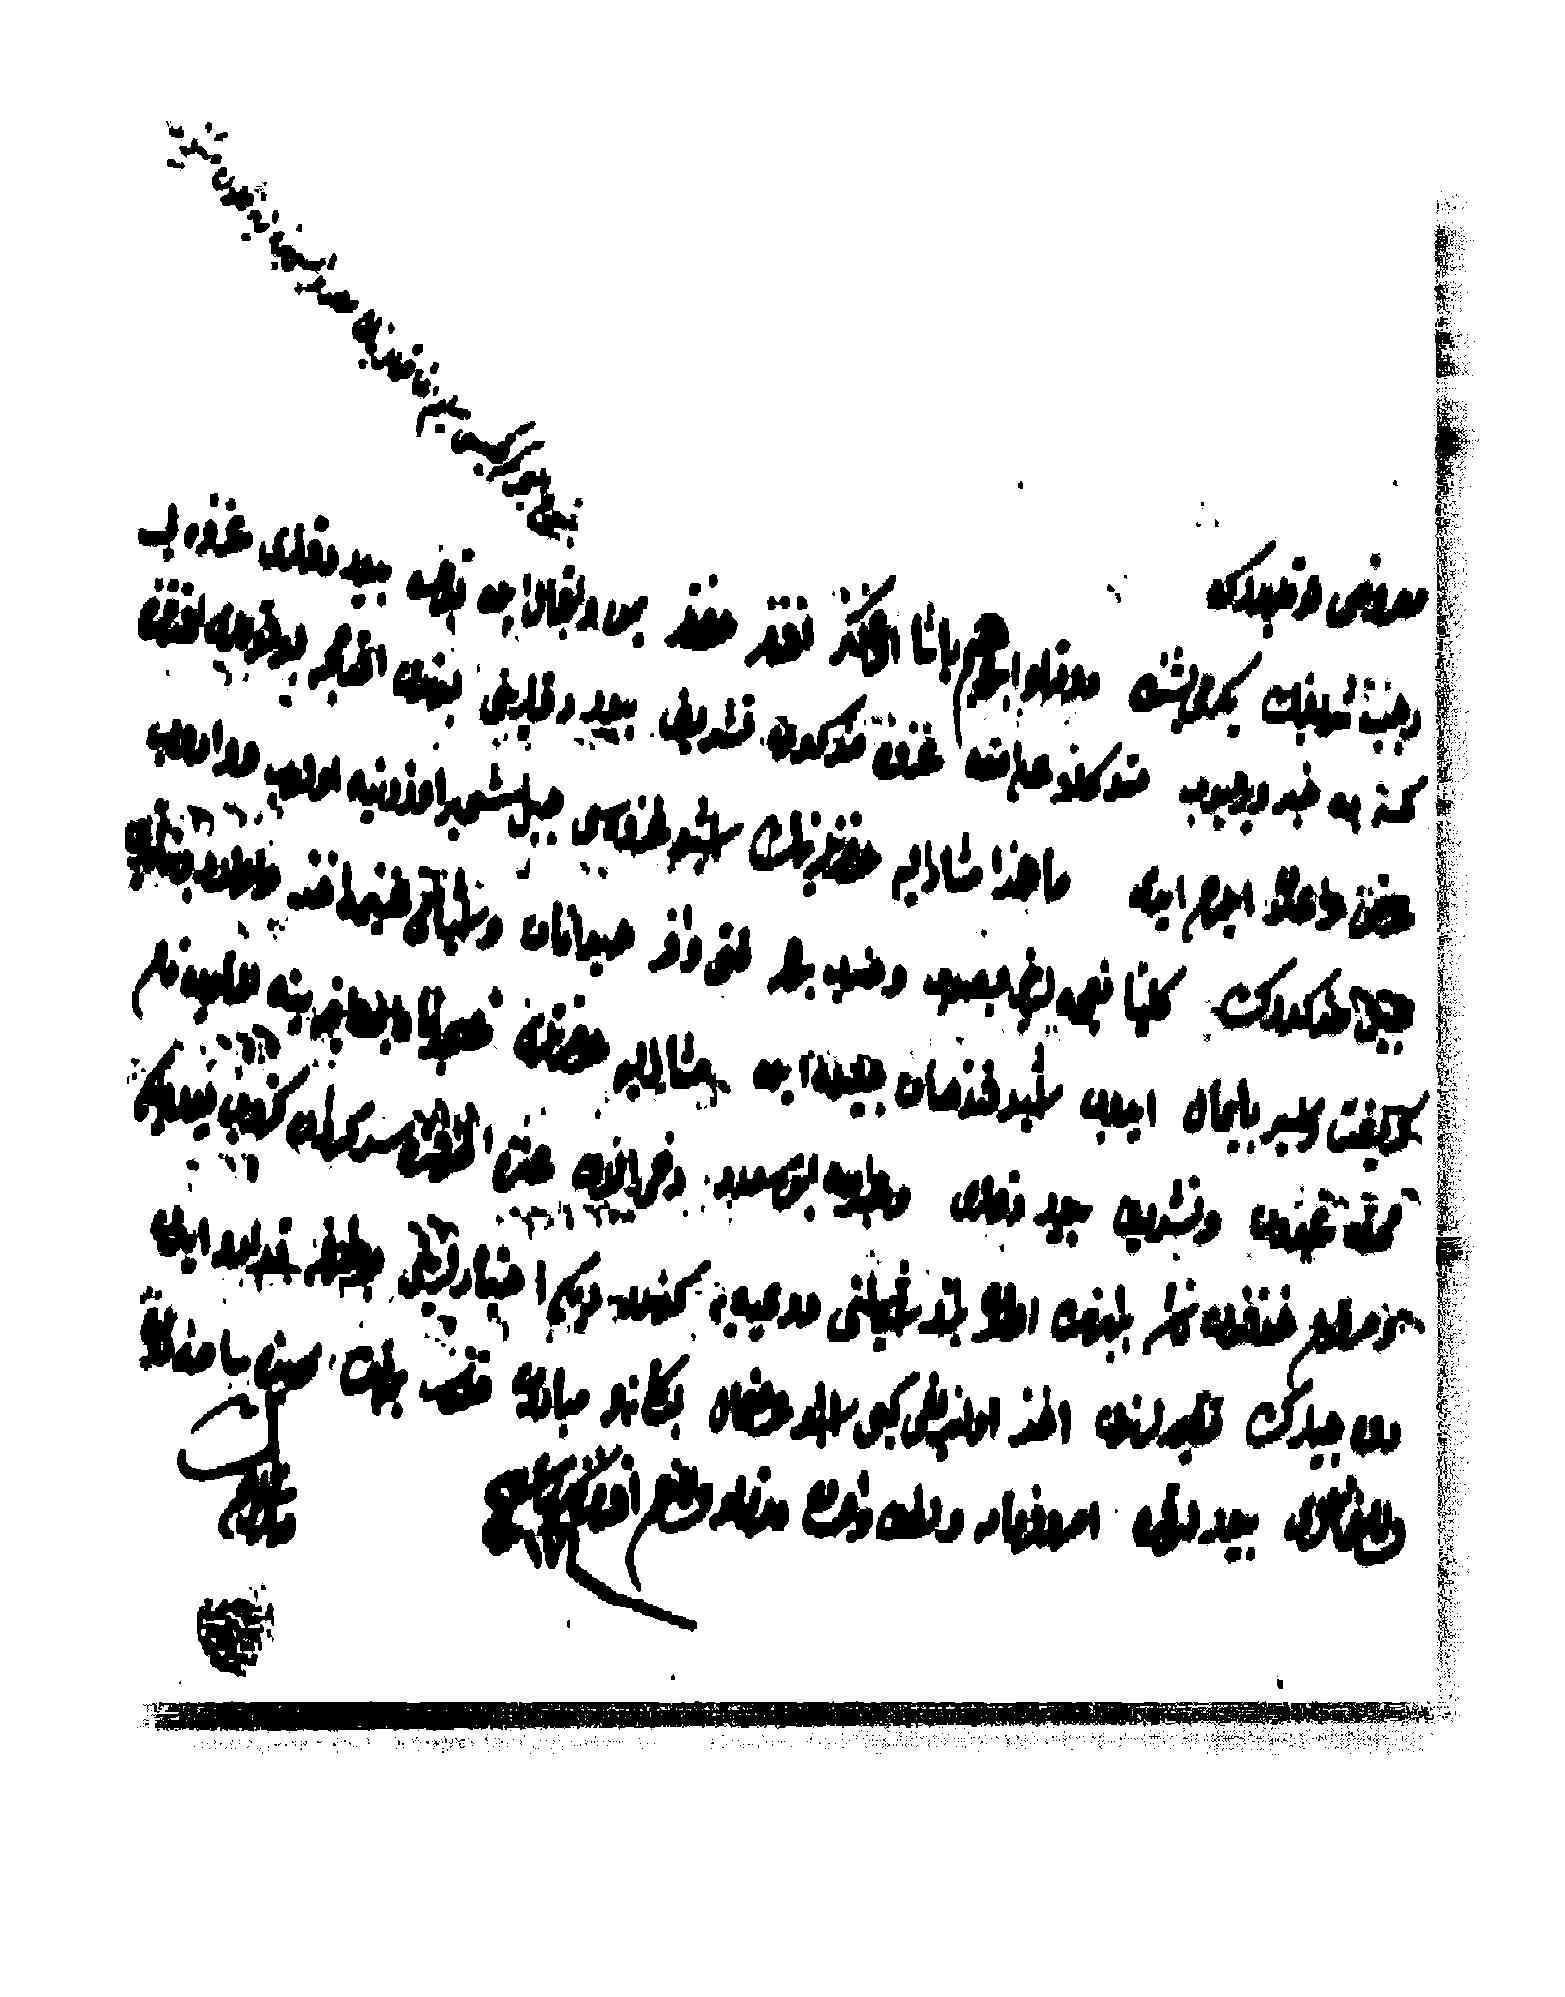 أسر الأبناء والبنات من إبراهيم باشا.jpg